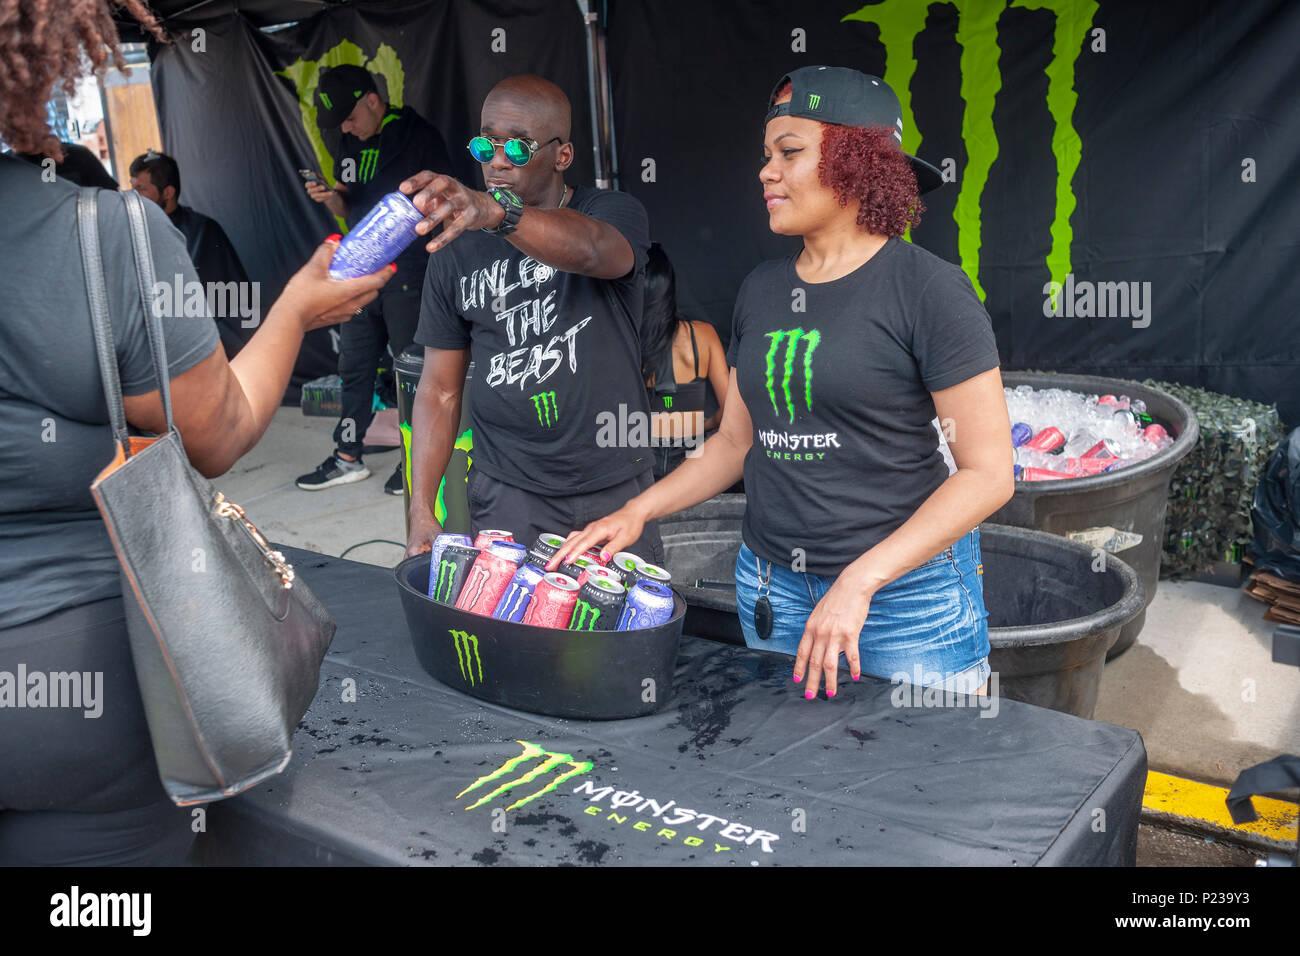 Arbeitnehmer kostenlose Proben von Monster Marke Energy Drinks an ...